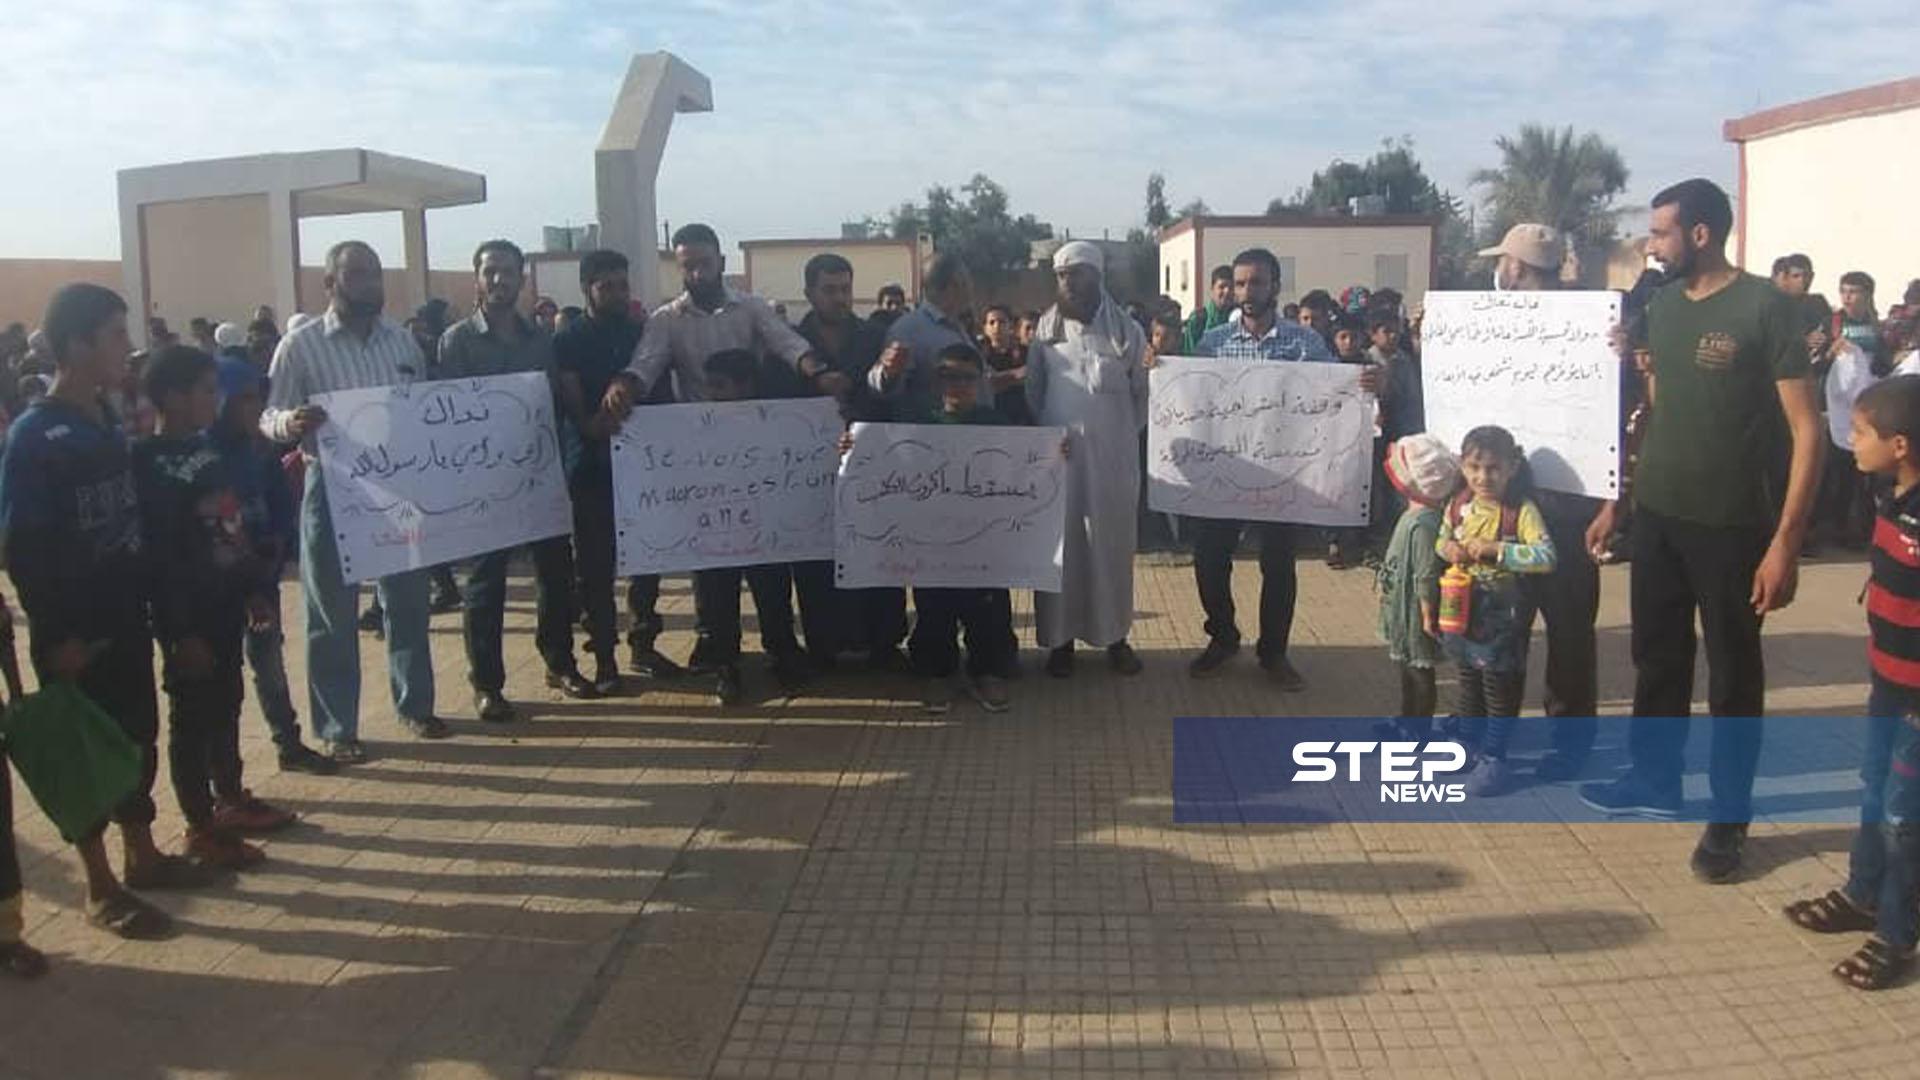 وقفة احتجاجية من قبل طلاب ومعلمي مدينة البصيرة في ديرالزور